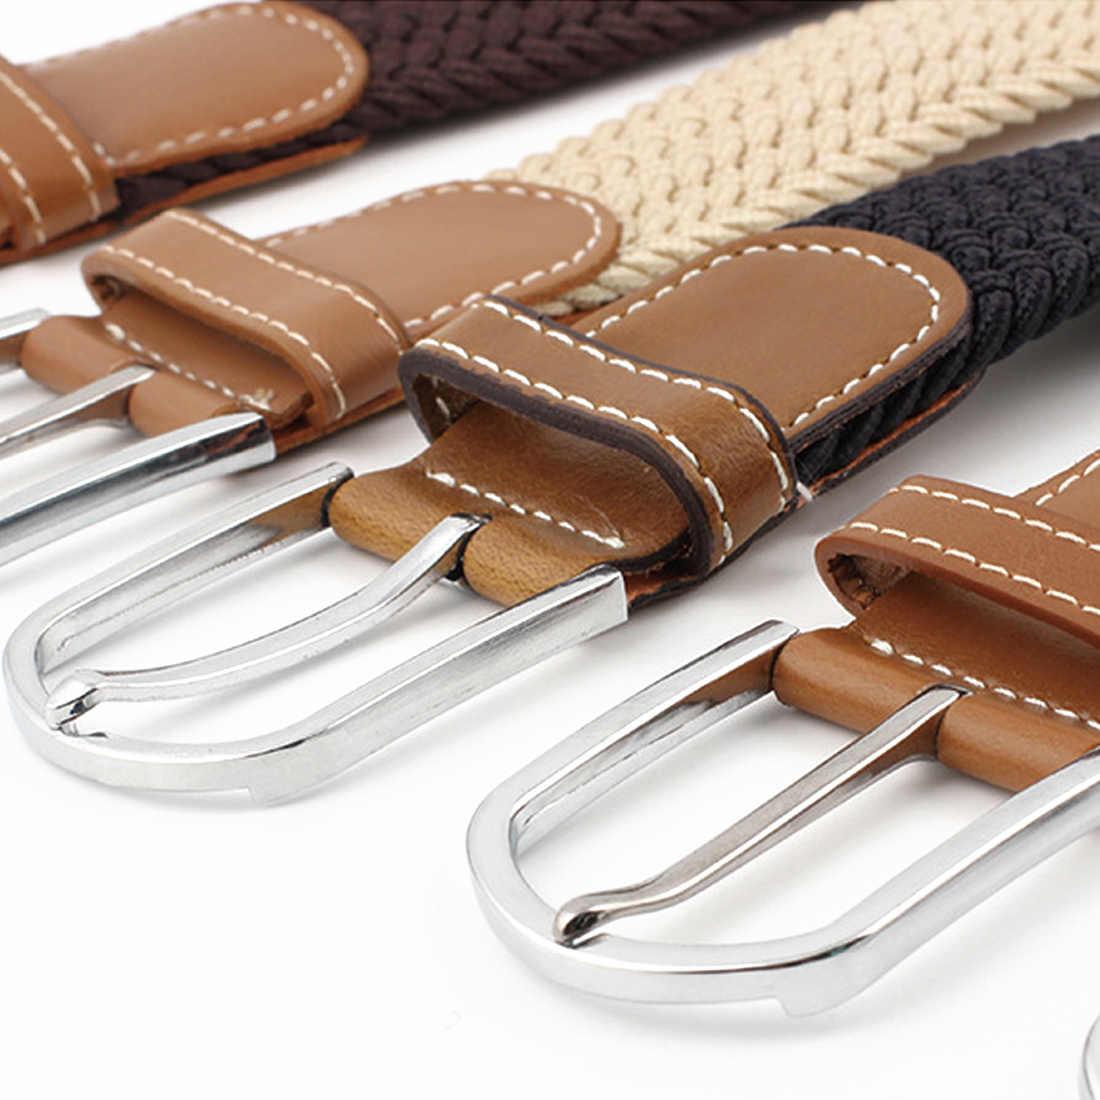 Высокое качество широкий тканый эластичный плетеный кожаный ремешок роскошный холст Расширенный 120 см ремни мужской и женский военный ремень